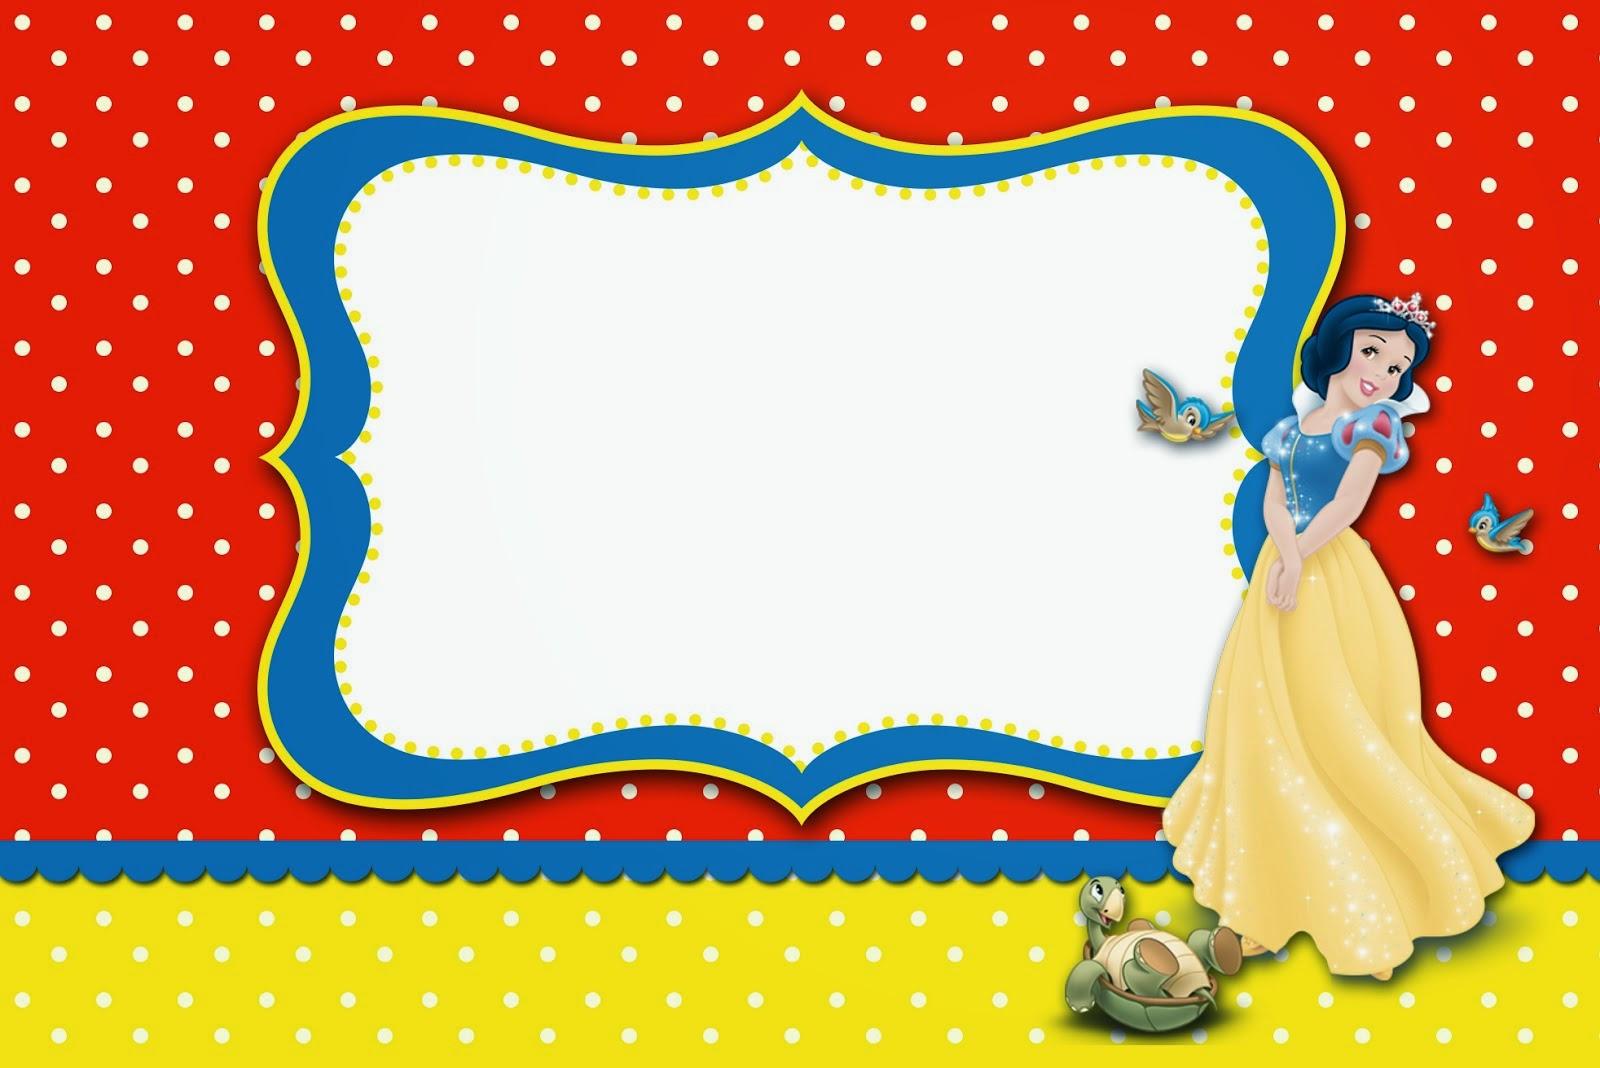 snow white invitation template - Forte.euforic.co